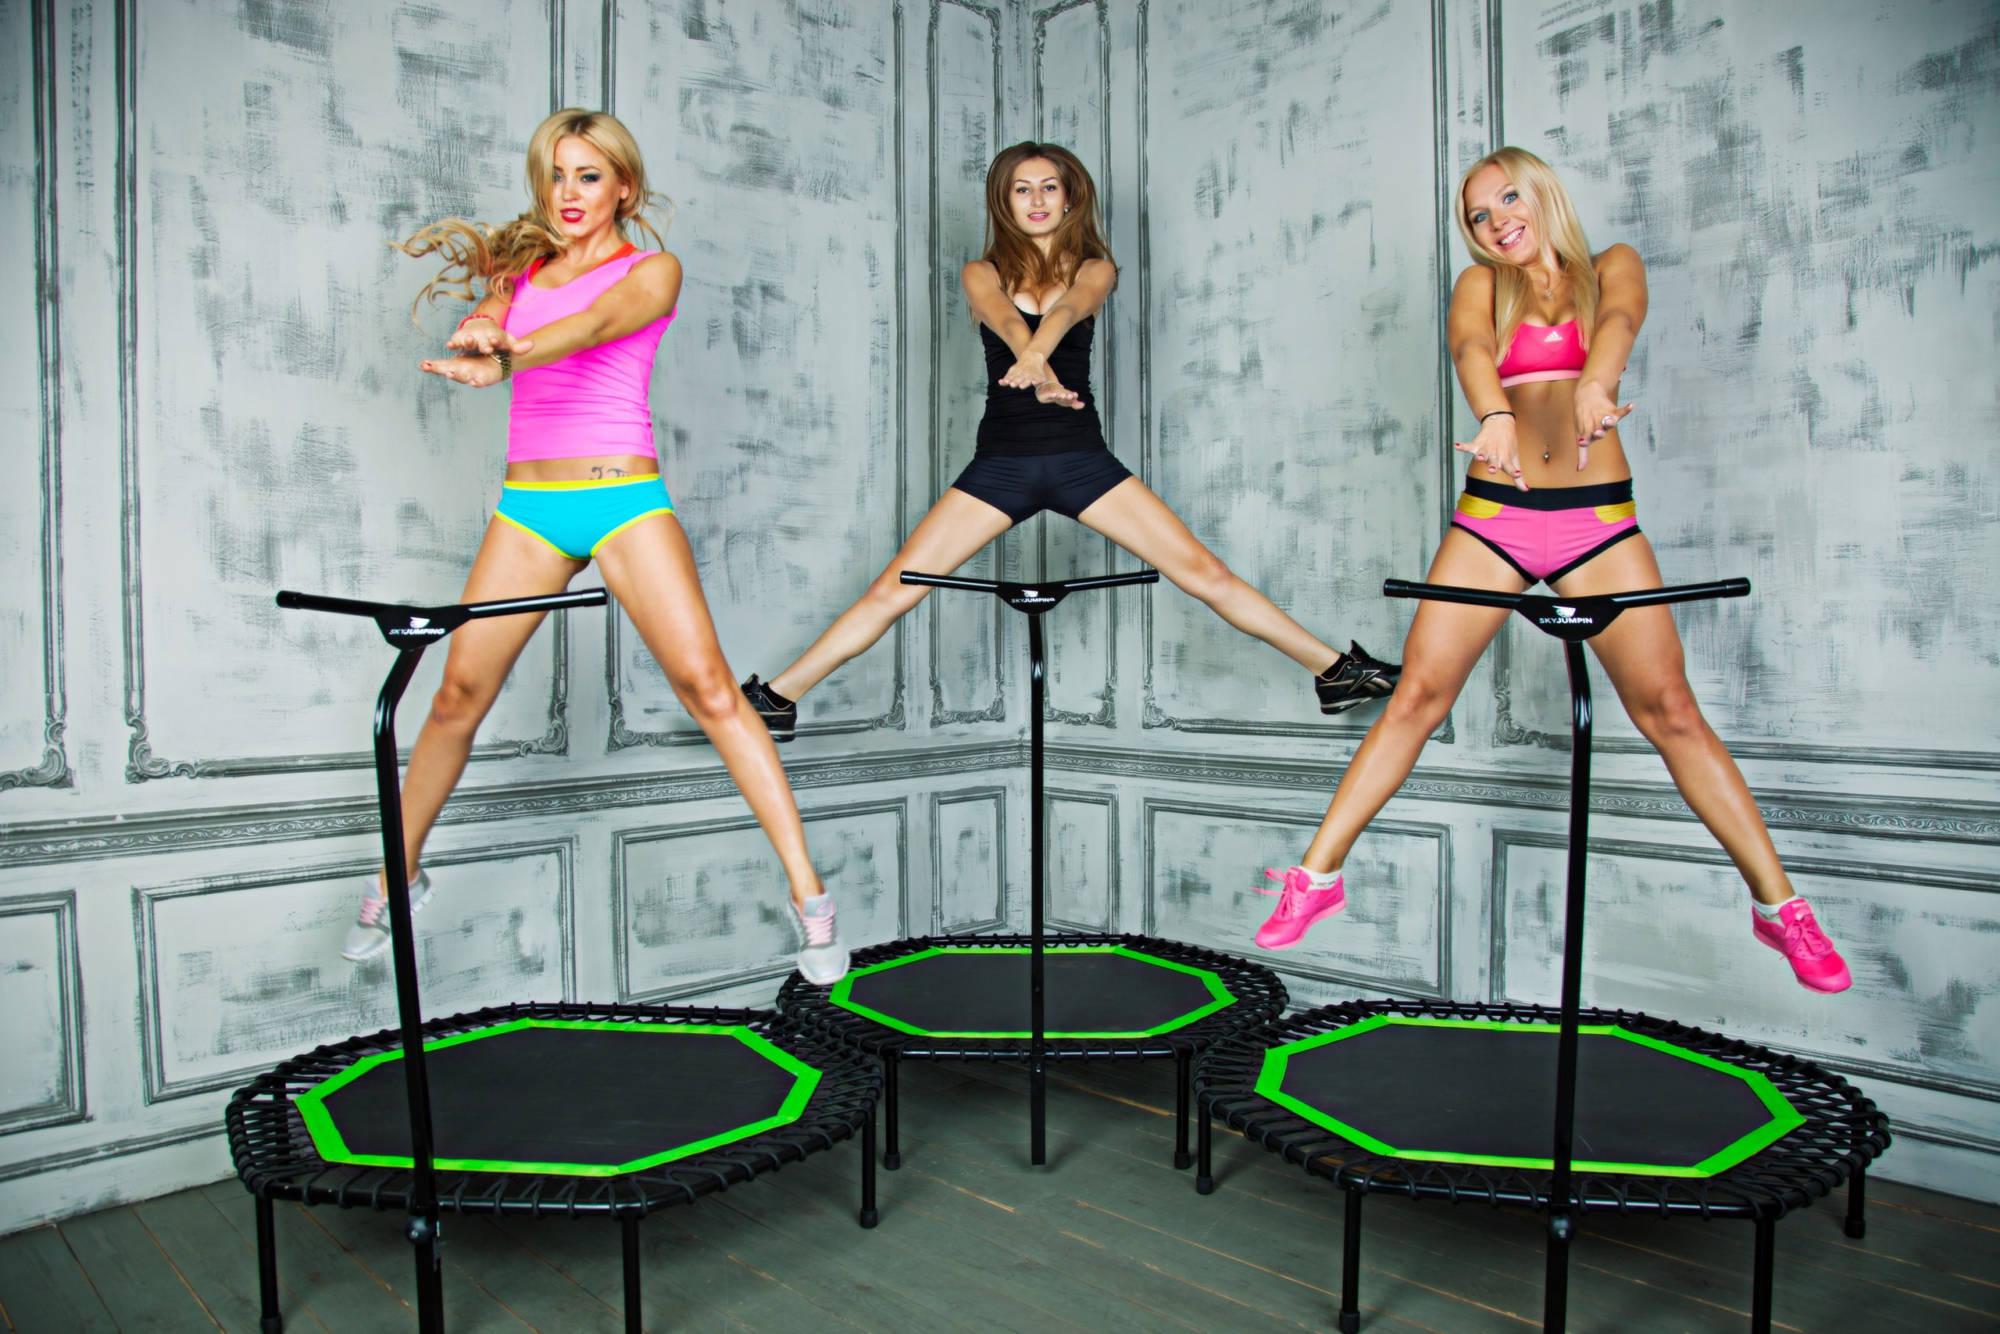 Girls kissing trampoline video jj girls